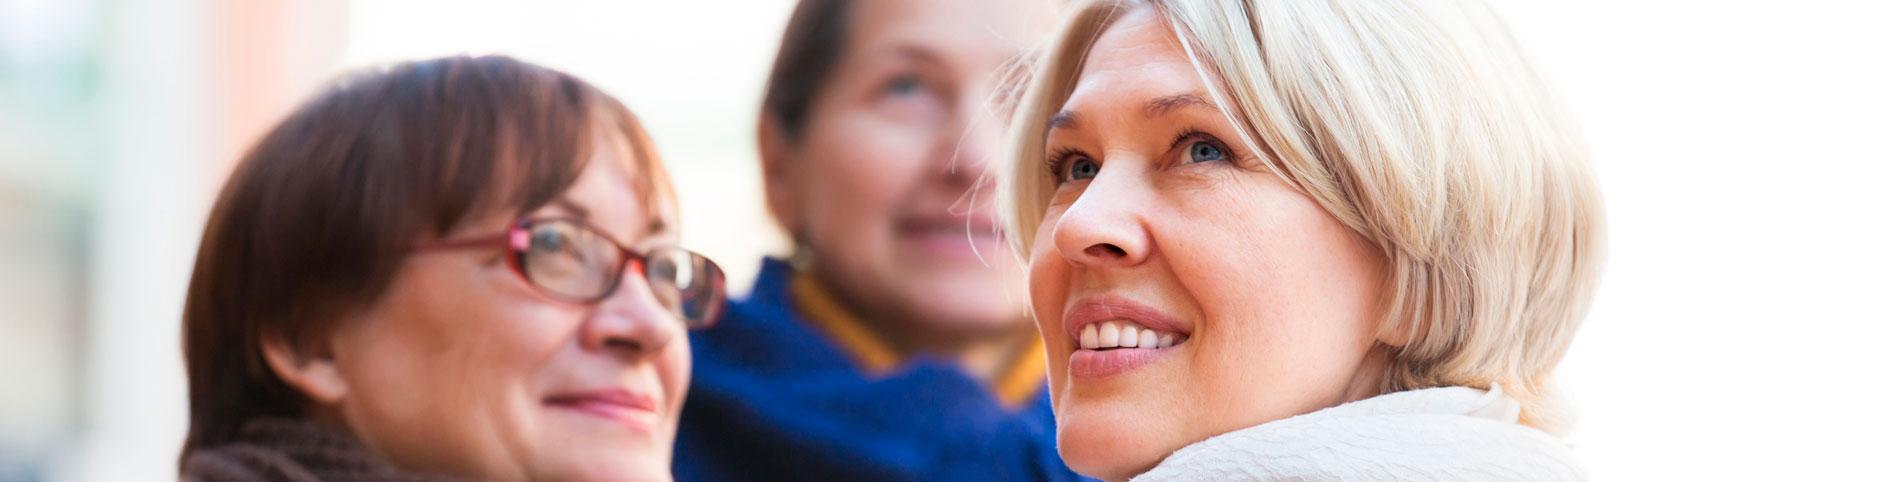 salud-mujeres-villena-cabecera